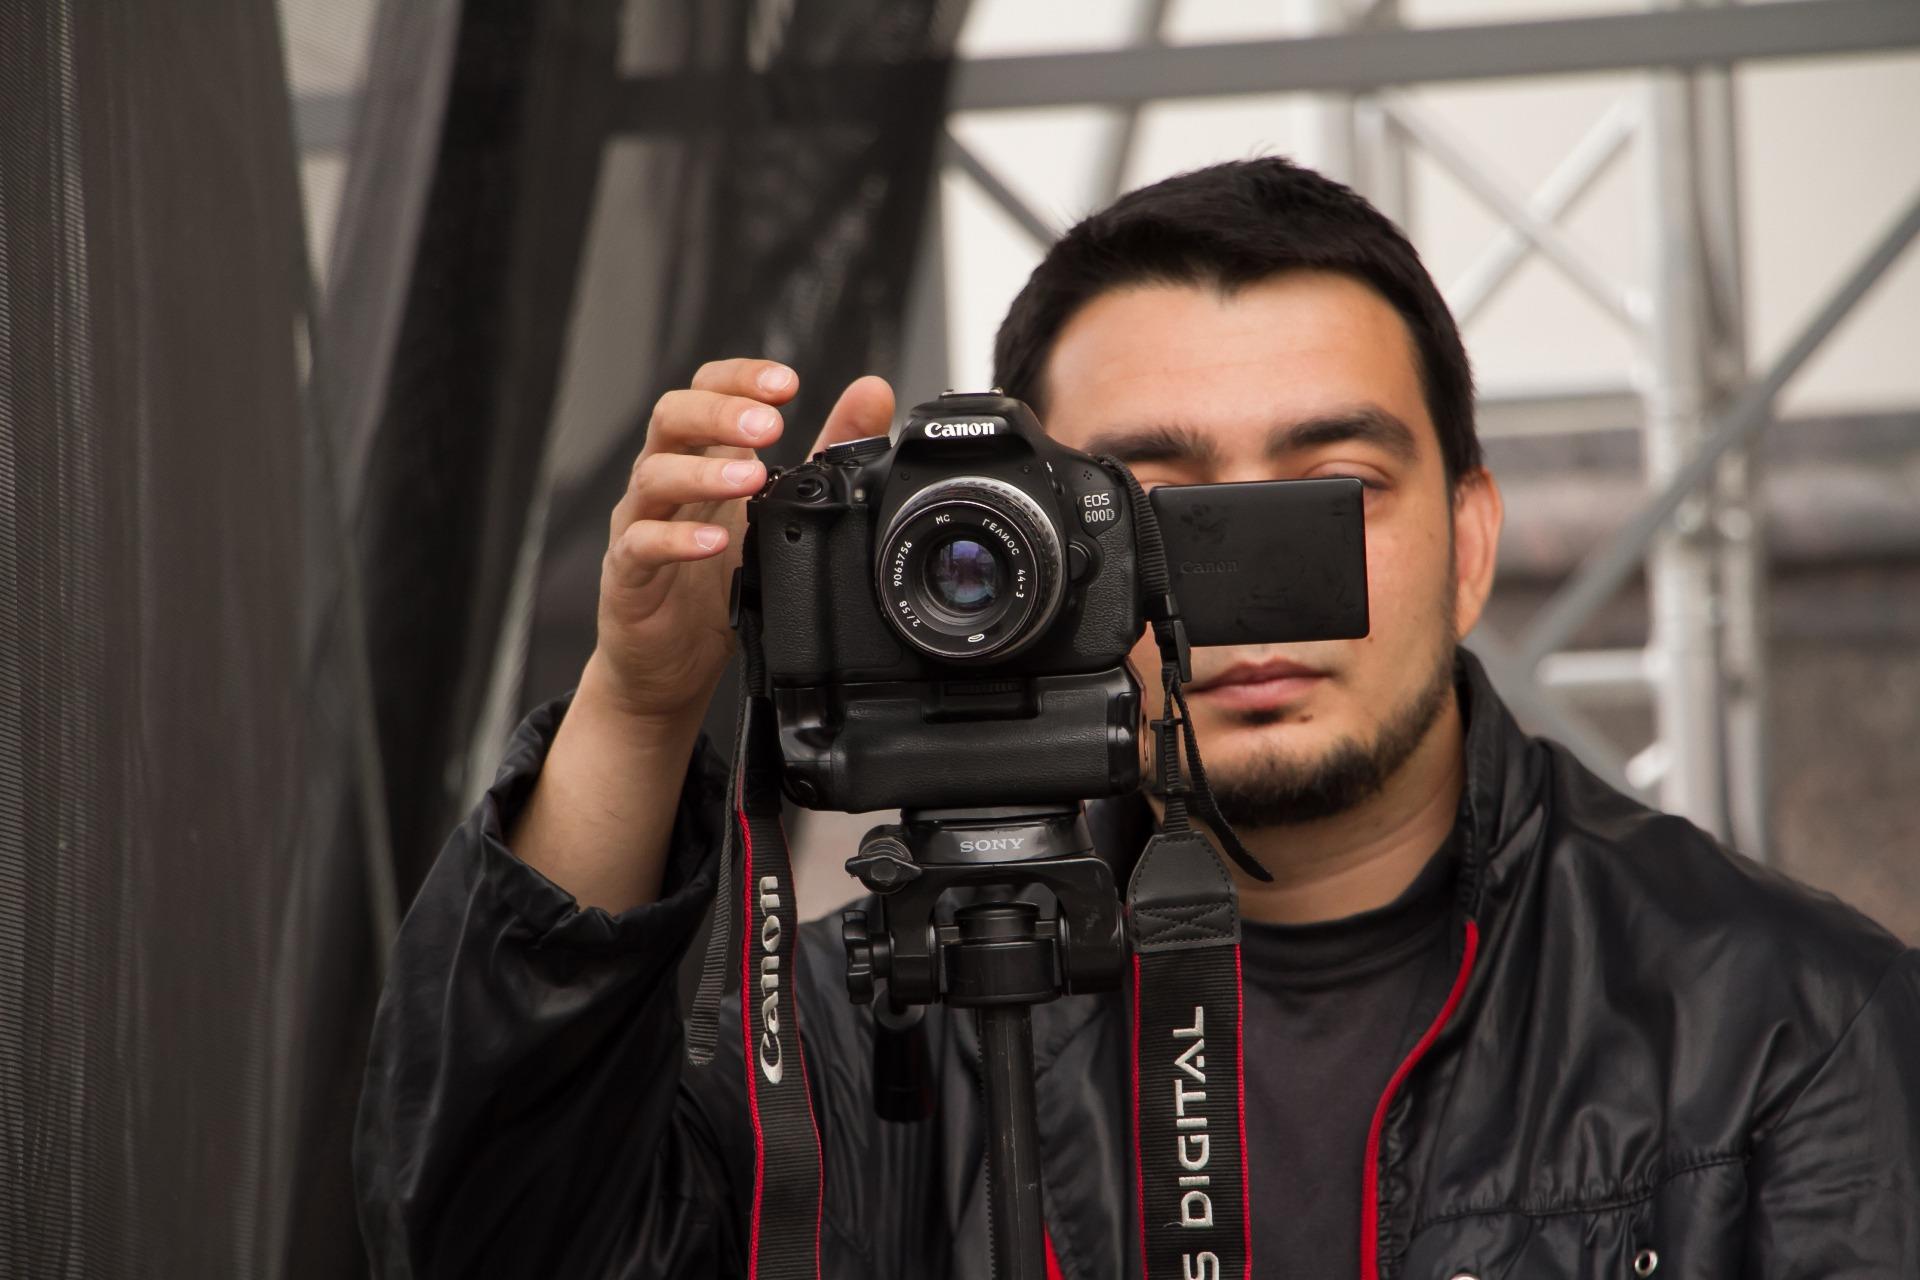 брюк вискозы работа фотографом в московской области вакансии находится через